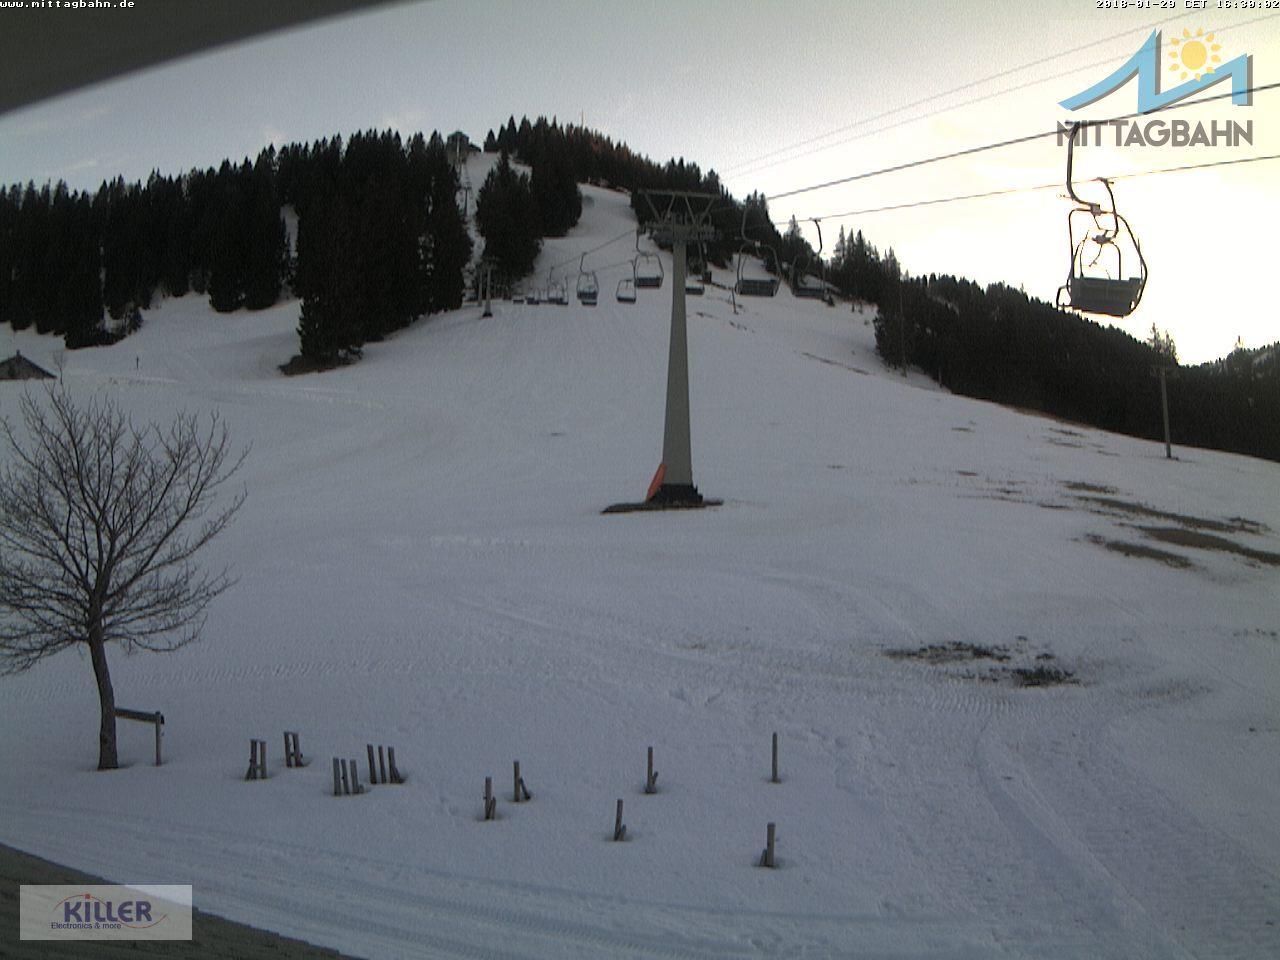 Webcam Skigebiet Immenstadt - Mittag cam 5 - Allgäu